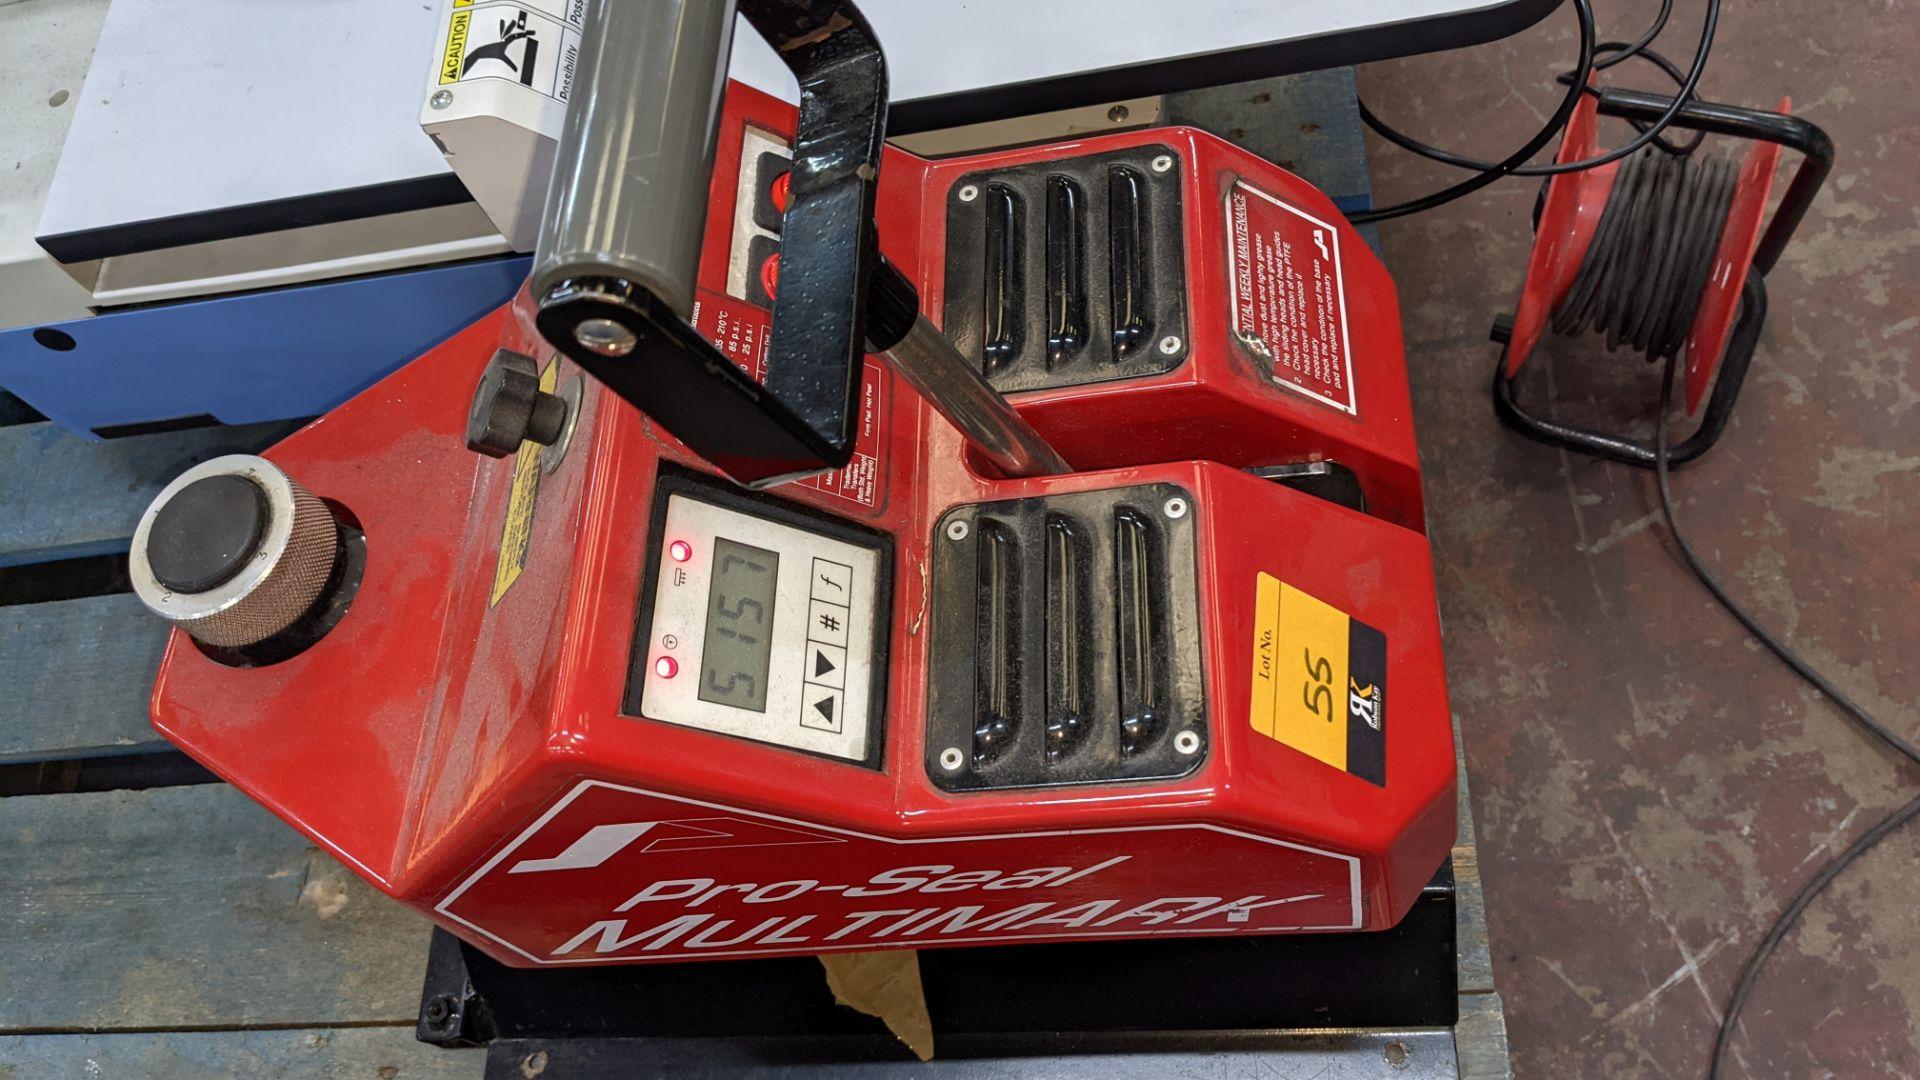 Pro-Seal Multimark heat sealing machine - Image 6 of 10